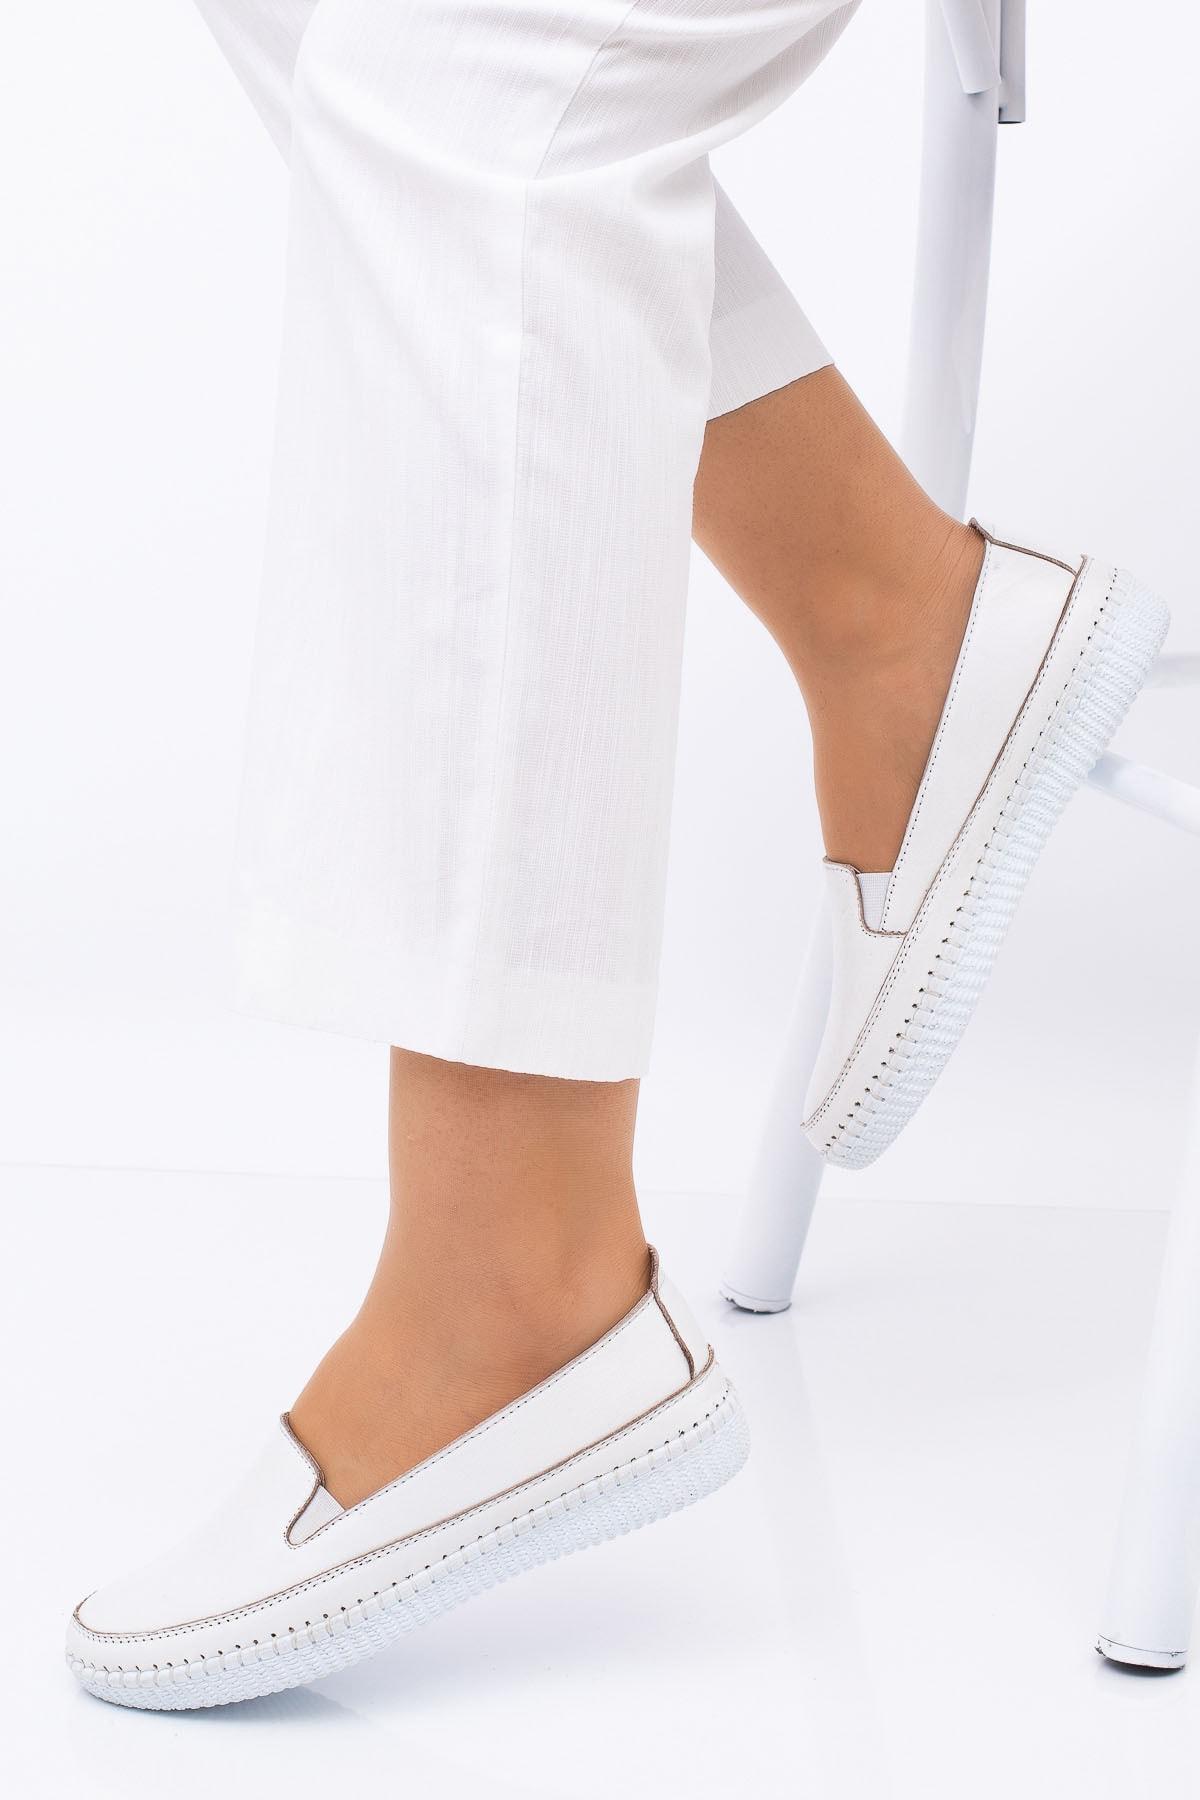 Kadın Anne Ortopedik Beyaz Alçak Topuklu Günlük Rahat Bayan Ayakkabı